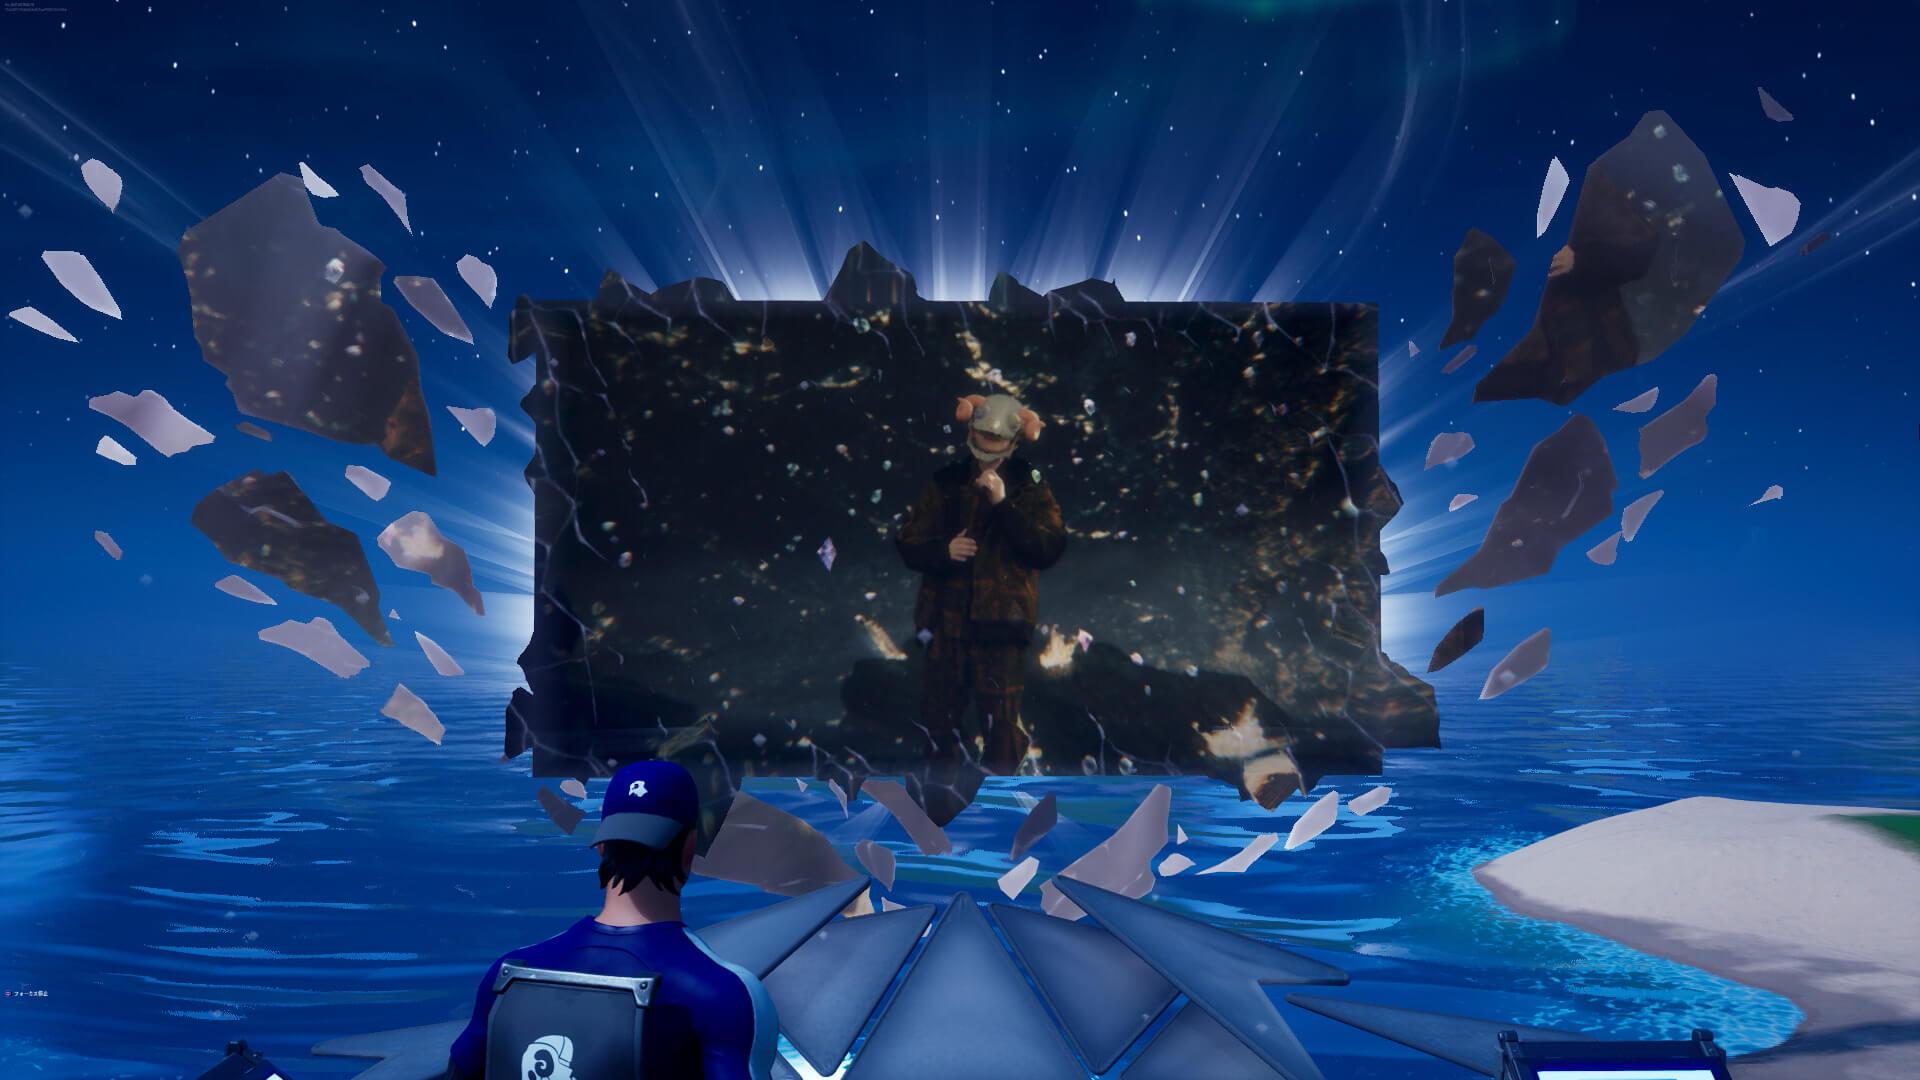 """米津玄師、『フォートナイト』パーティーロイヤルで""""新しく美しい一瞬""""を世界中のファンと共有! tech200807_yonezukenshi_fortnite_7"""